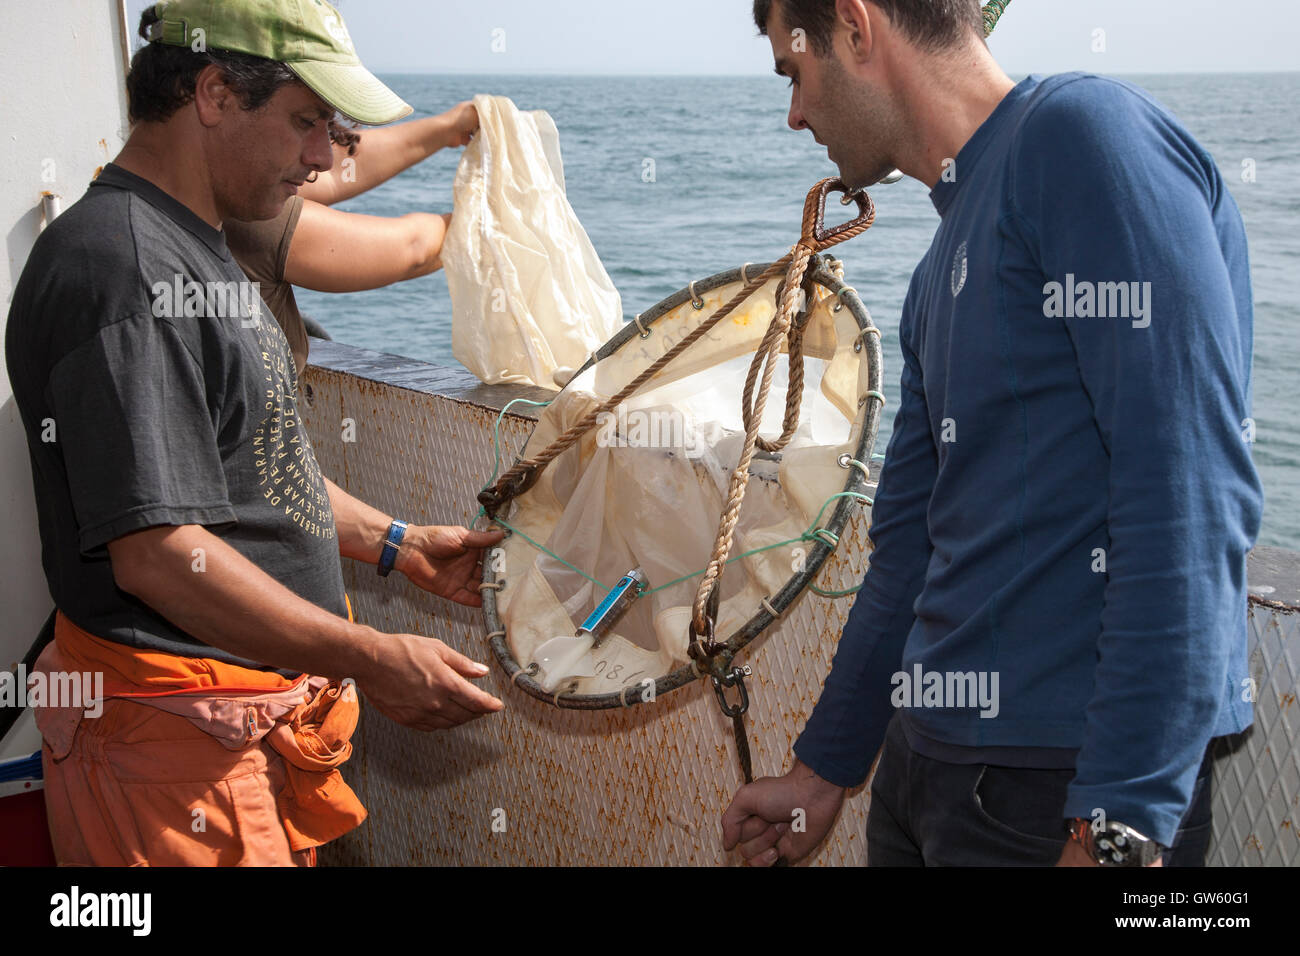 Récupération de filet à plancton. Le réseau lui-même est terminé dans une bouteille ou pot (cul) où le plancton est recueillie non filtrée Banque D'Images